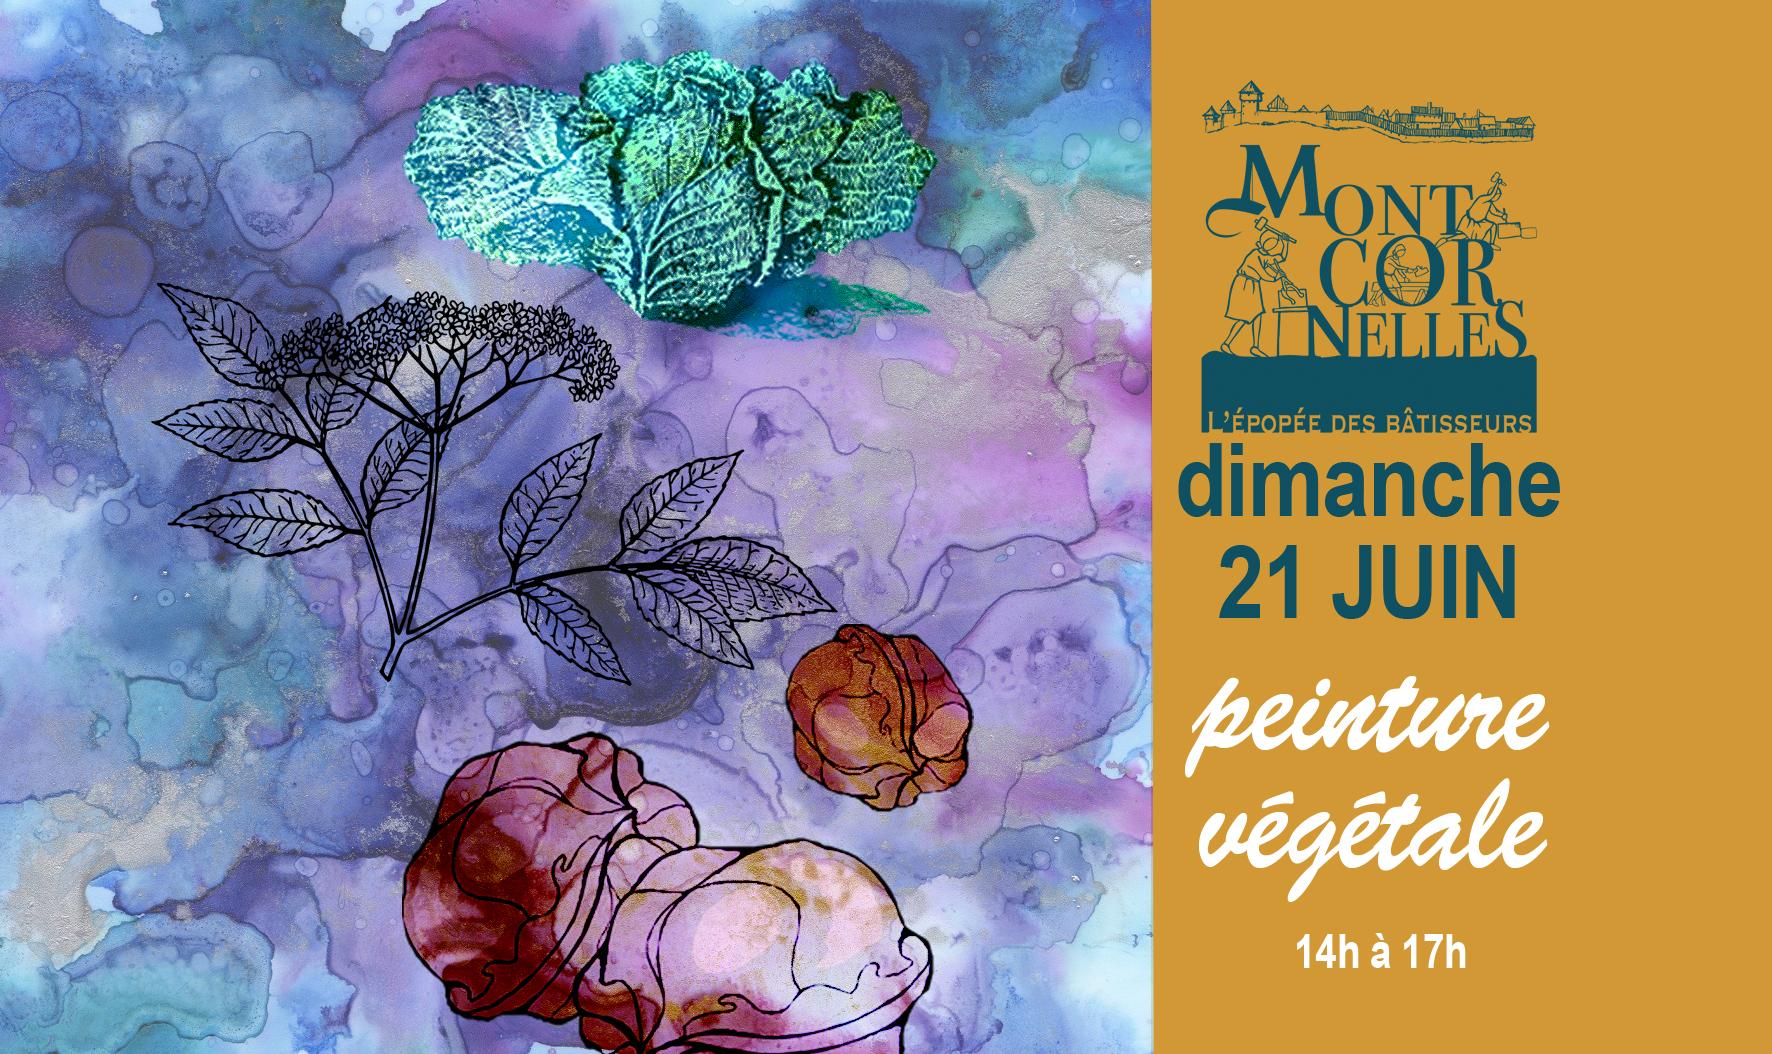 Montcornelles annonce évènement peinture végétale